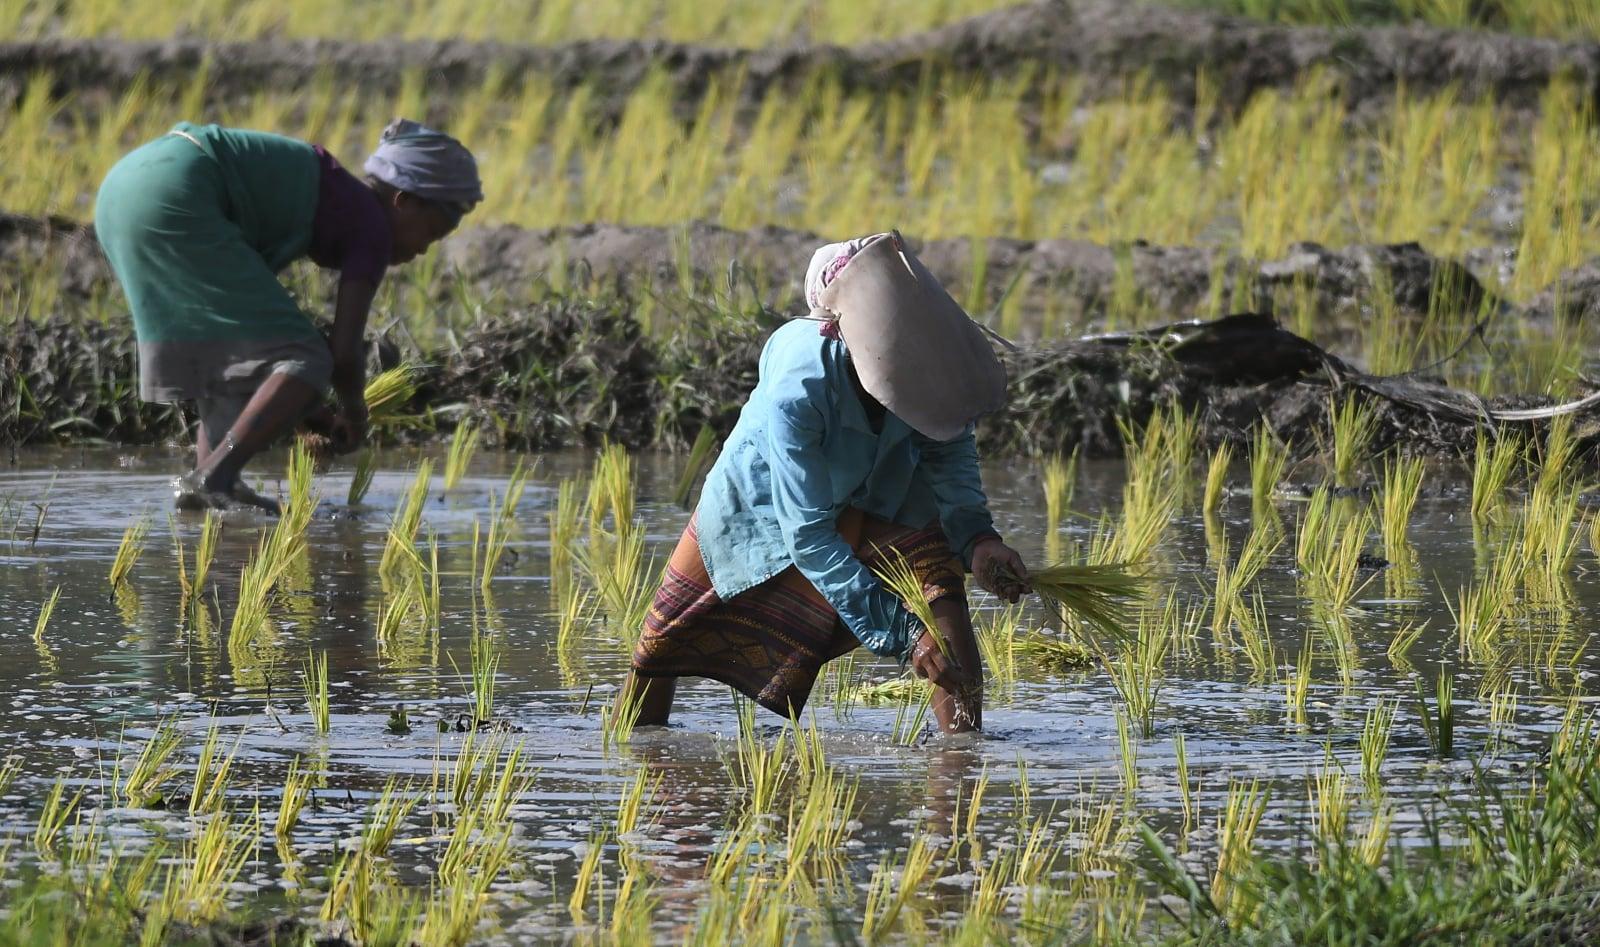 Uprawa ryżu na obrzeżach miasta Guwahati w Indiach, fot EPA/STR